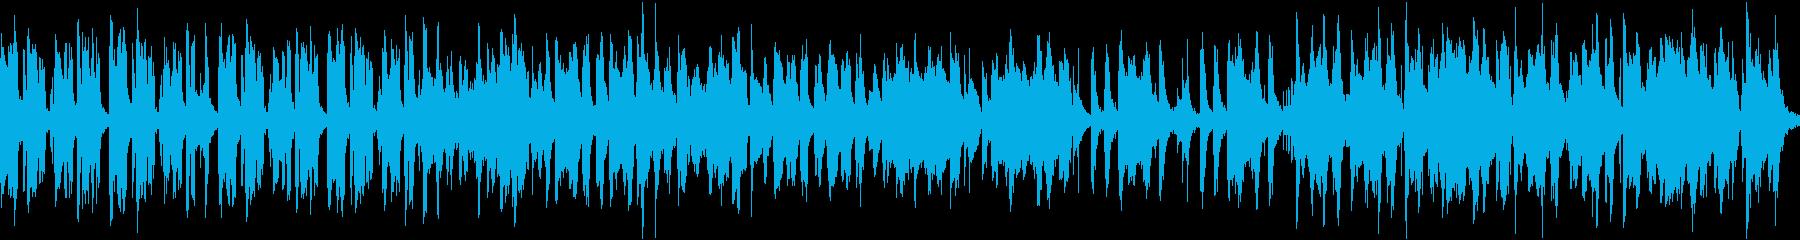 のんびり楽しい和風曲(ループ)の再生済みの波形